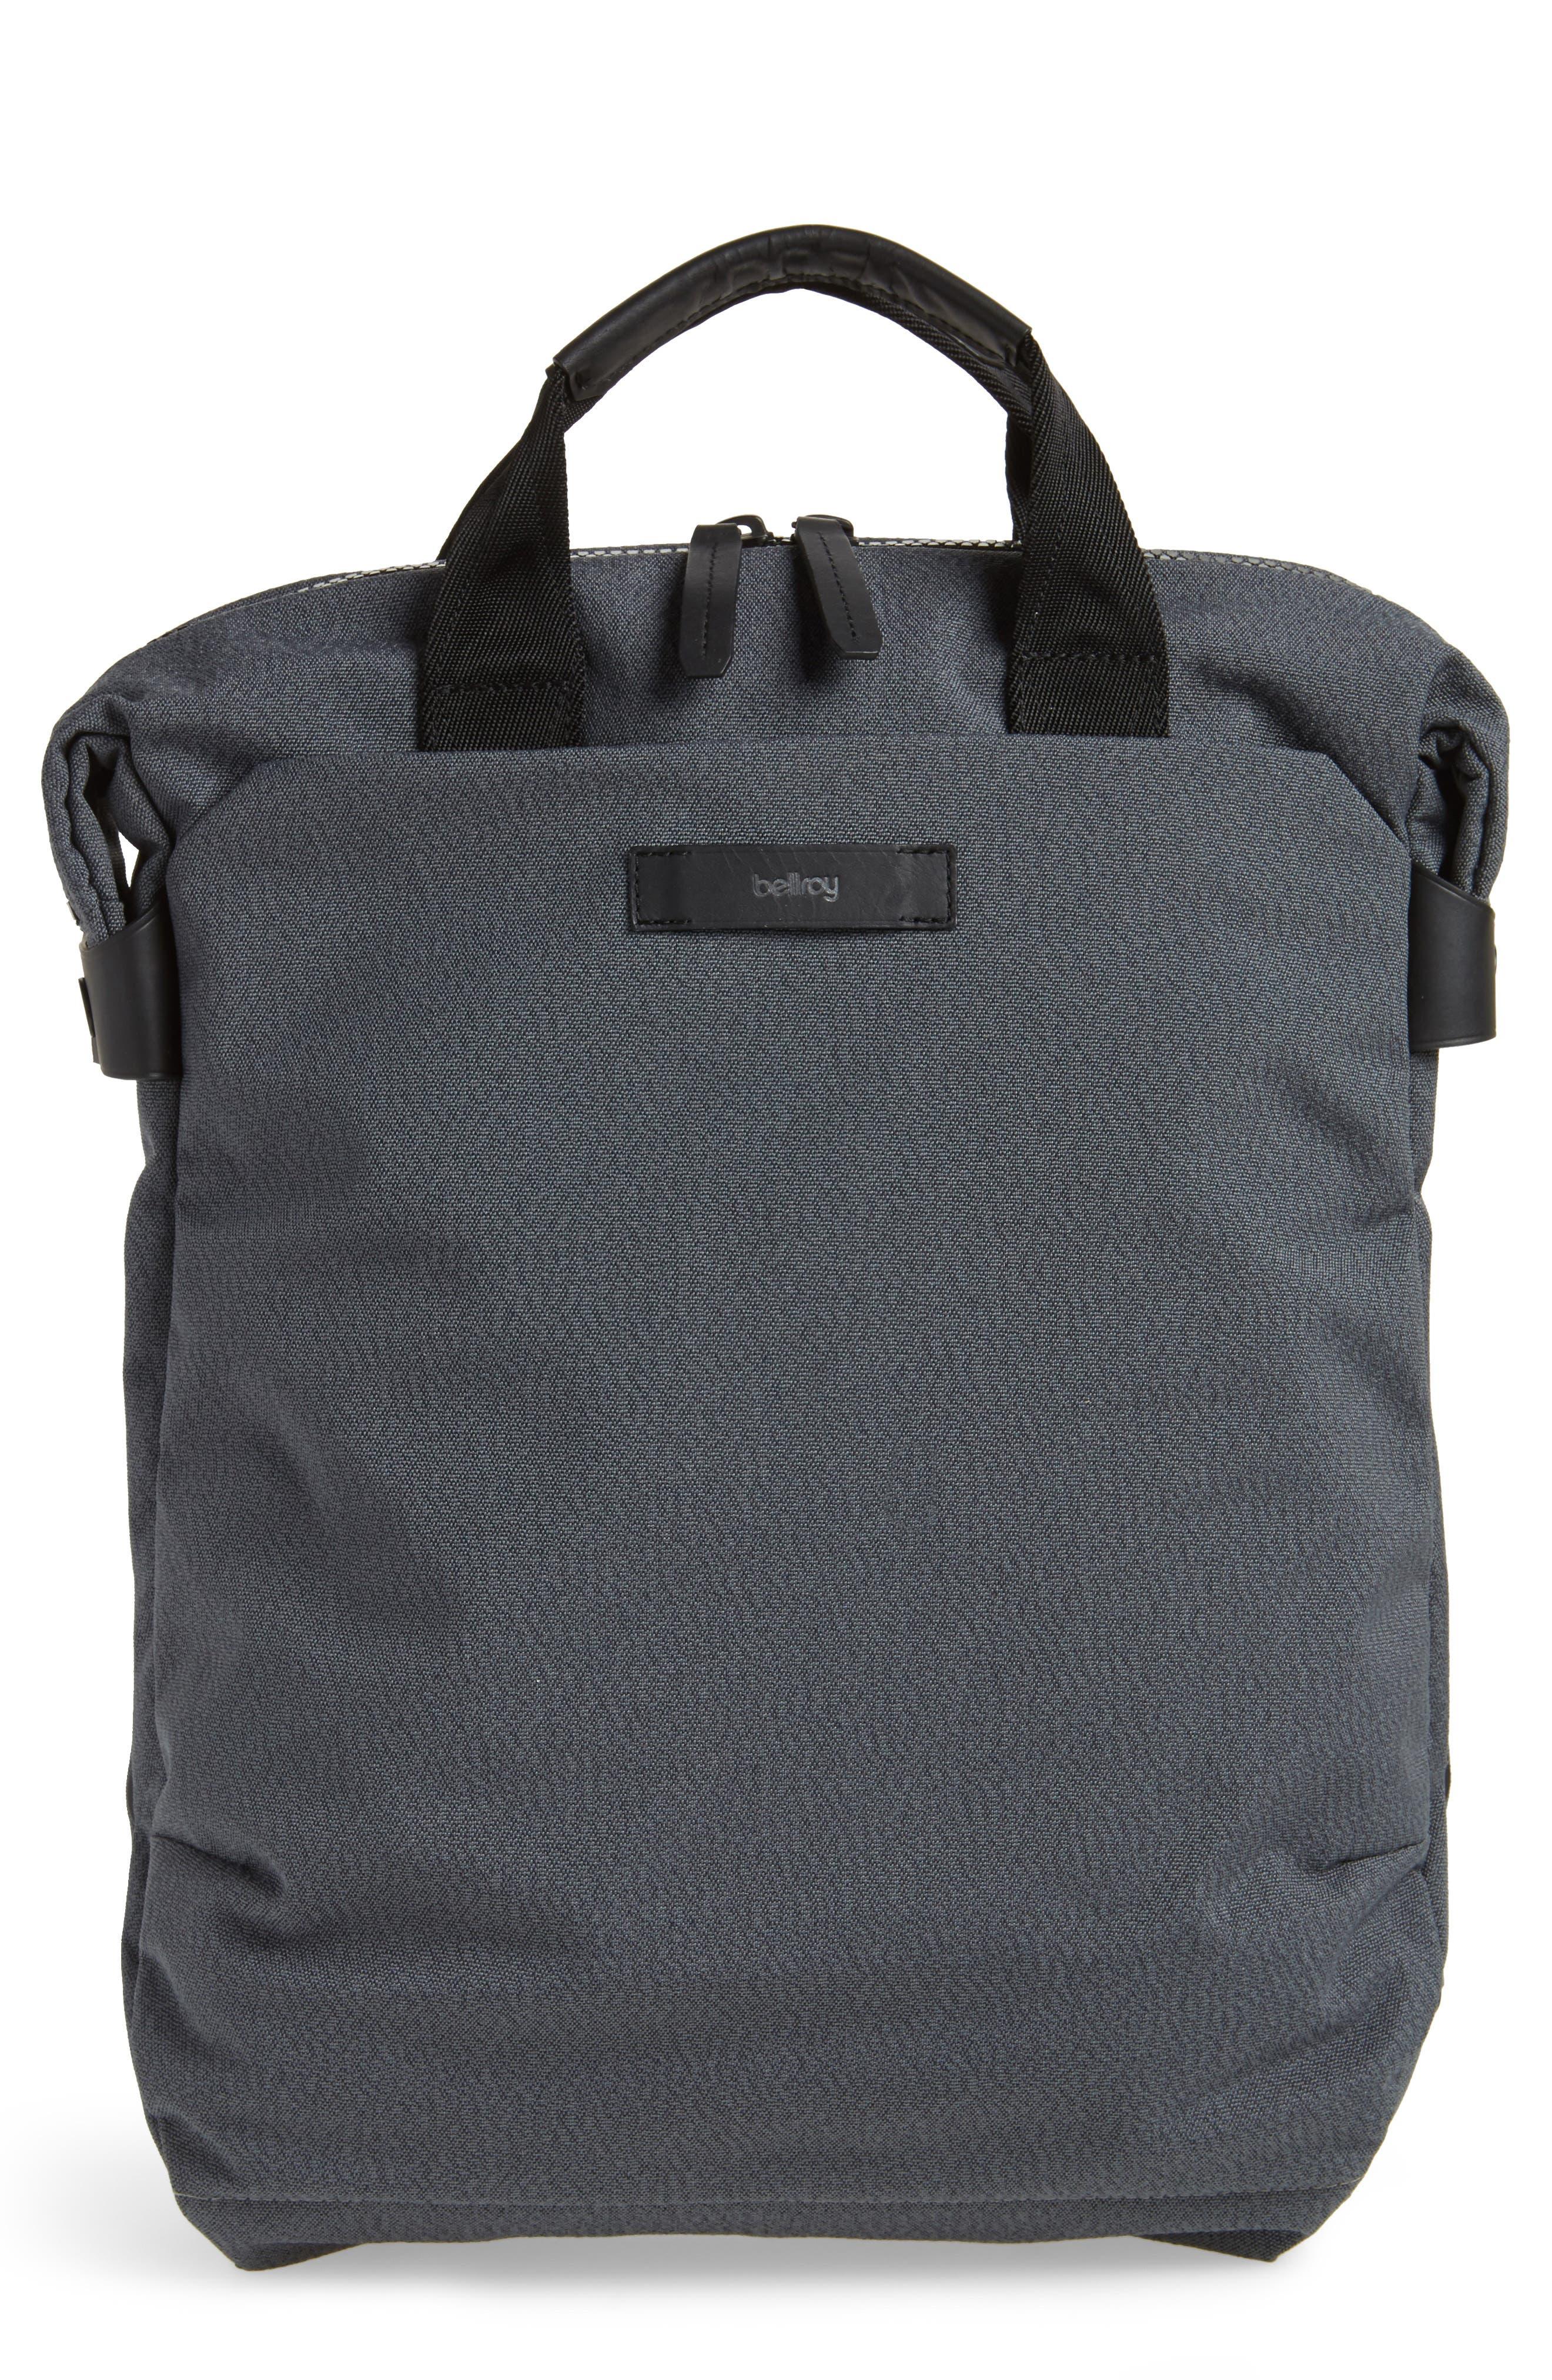 Duo Convertible Backpack,                             Main thumbnail 1, color,                             Mid Grey